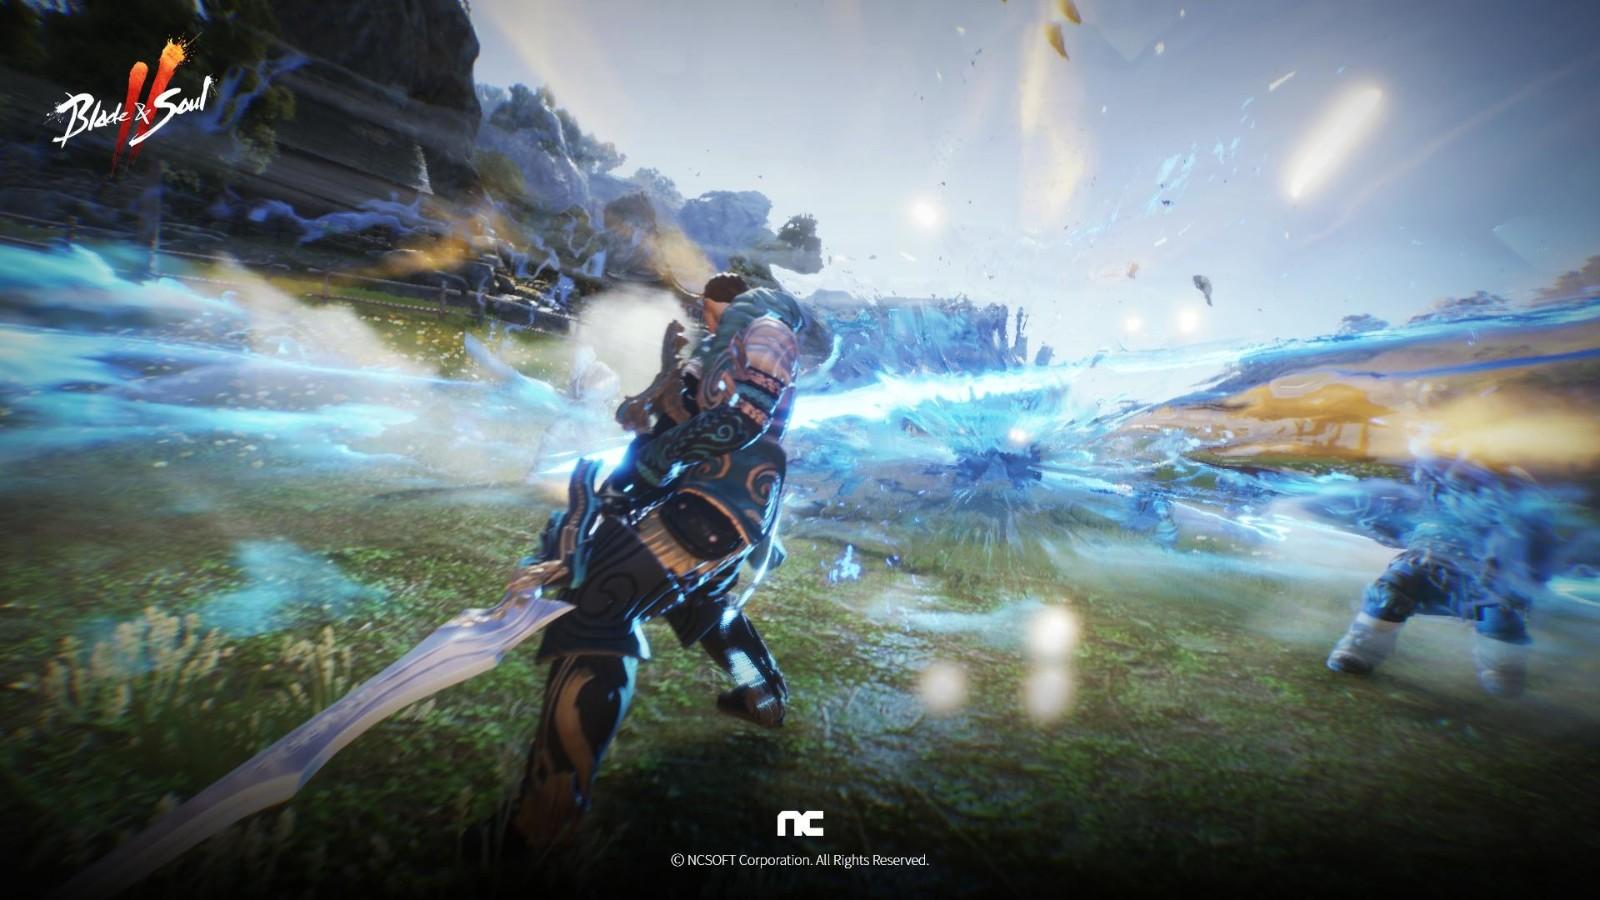 剑灵官方宣传cg_《剑灵2》最新宣传片 新职业和剑、斧战斗画面公开_3DM单机